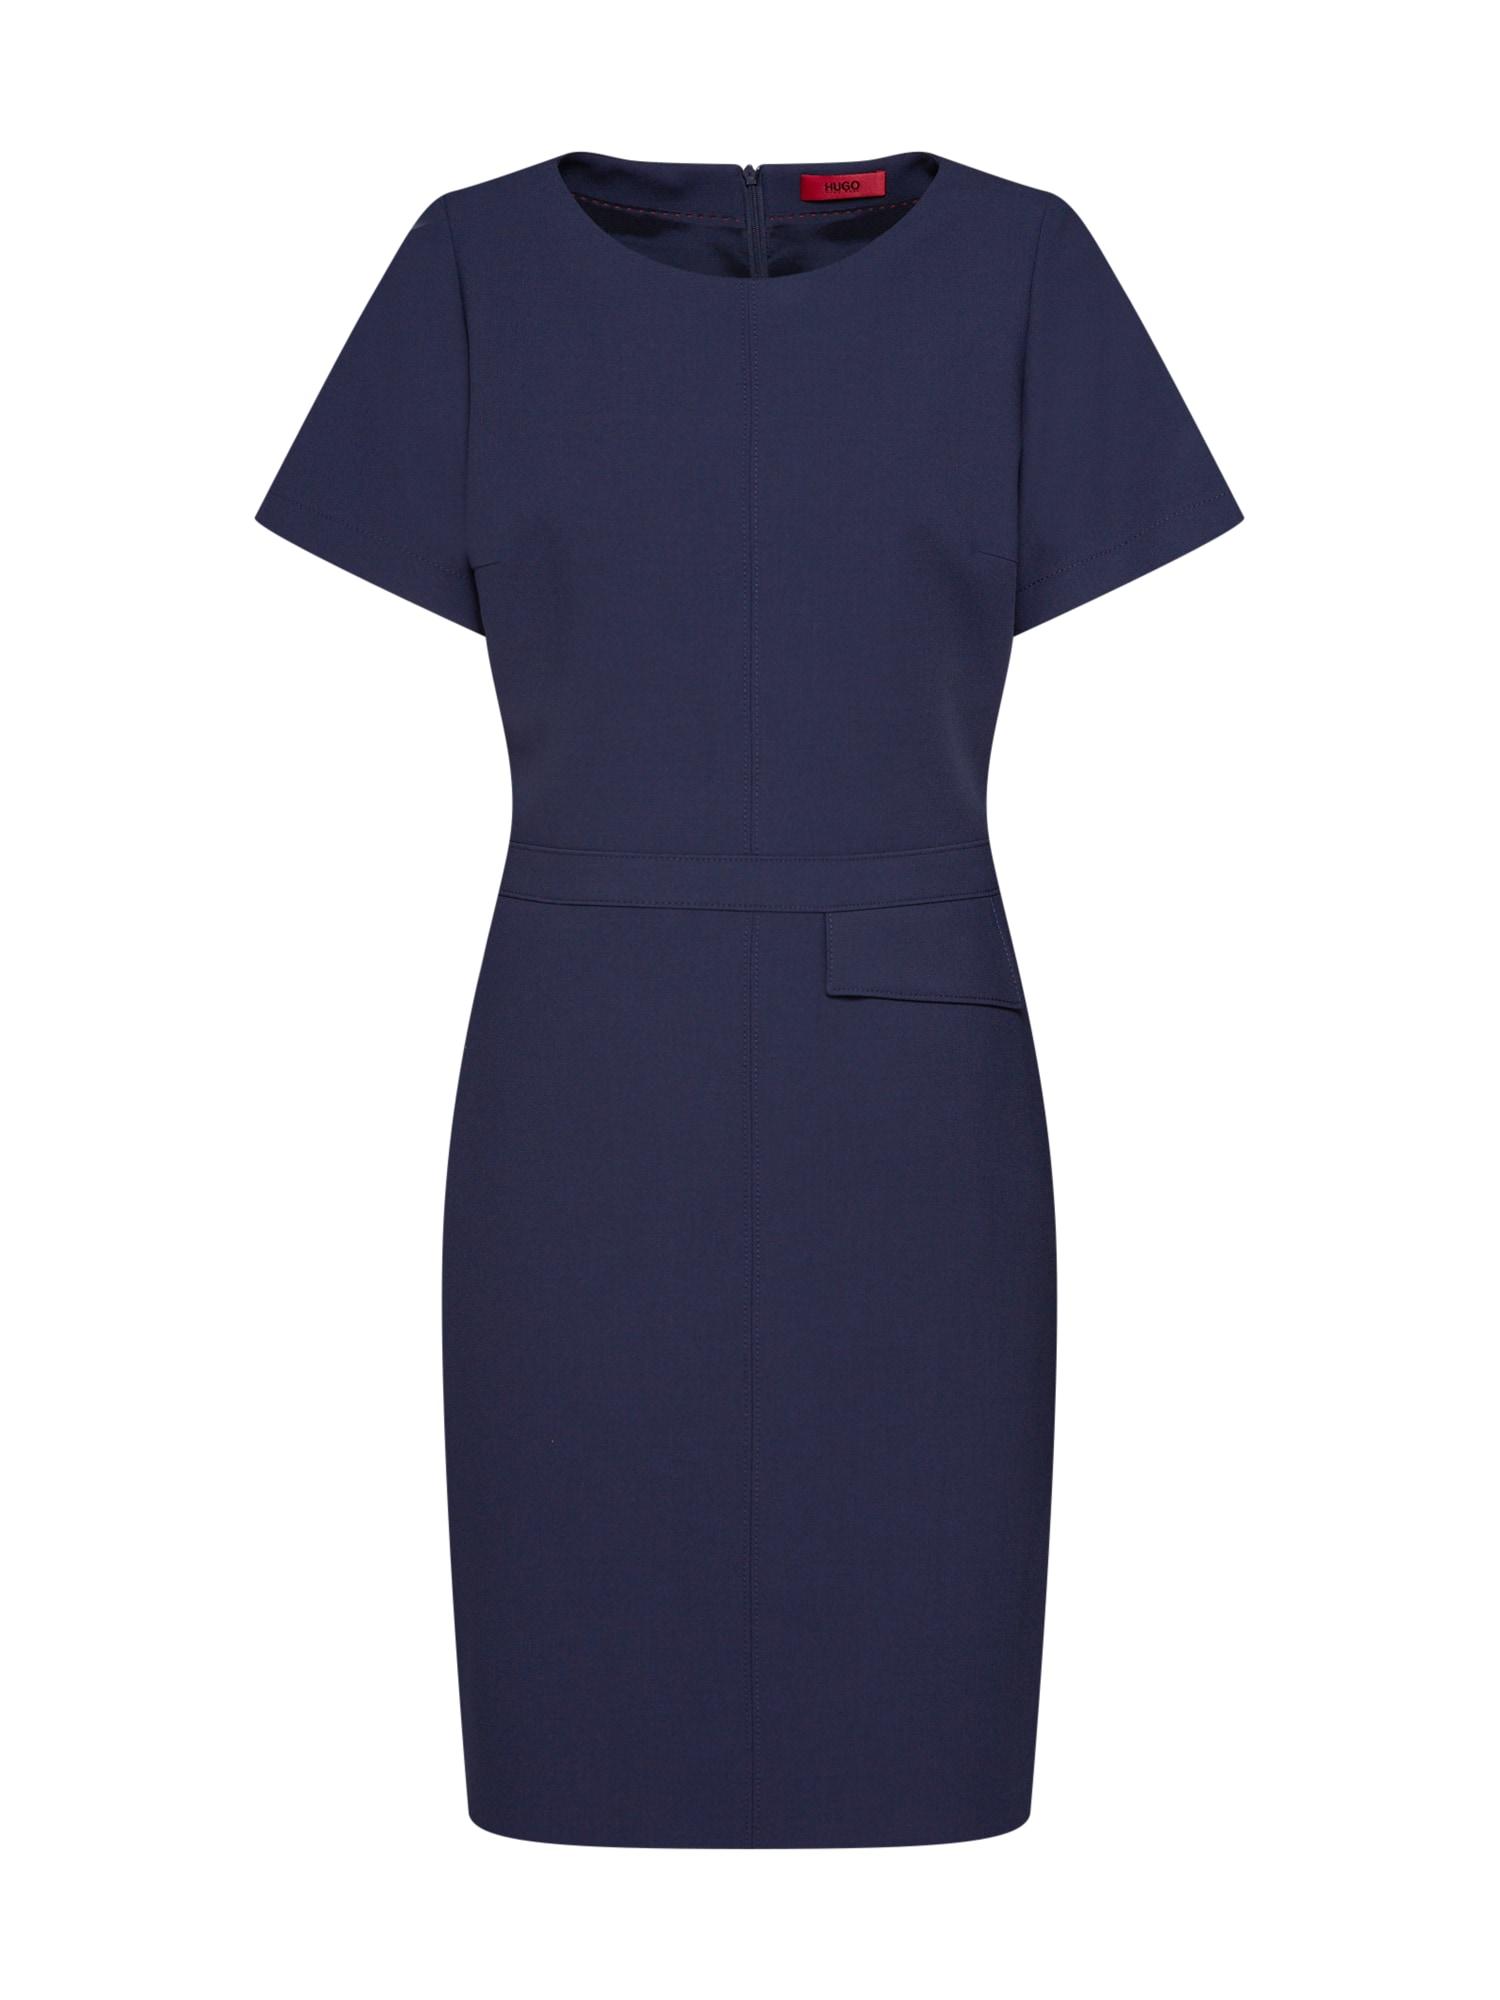 Šaty Katara modrá HUGO